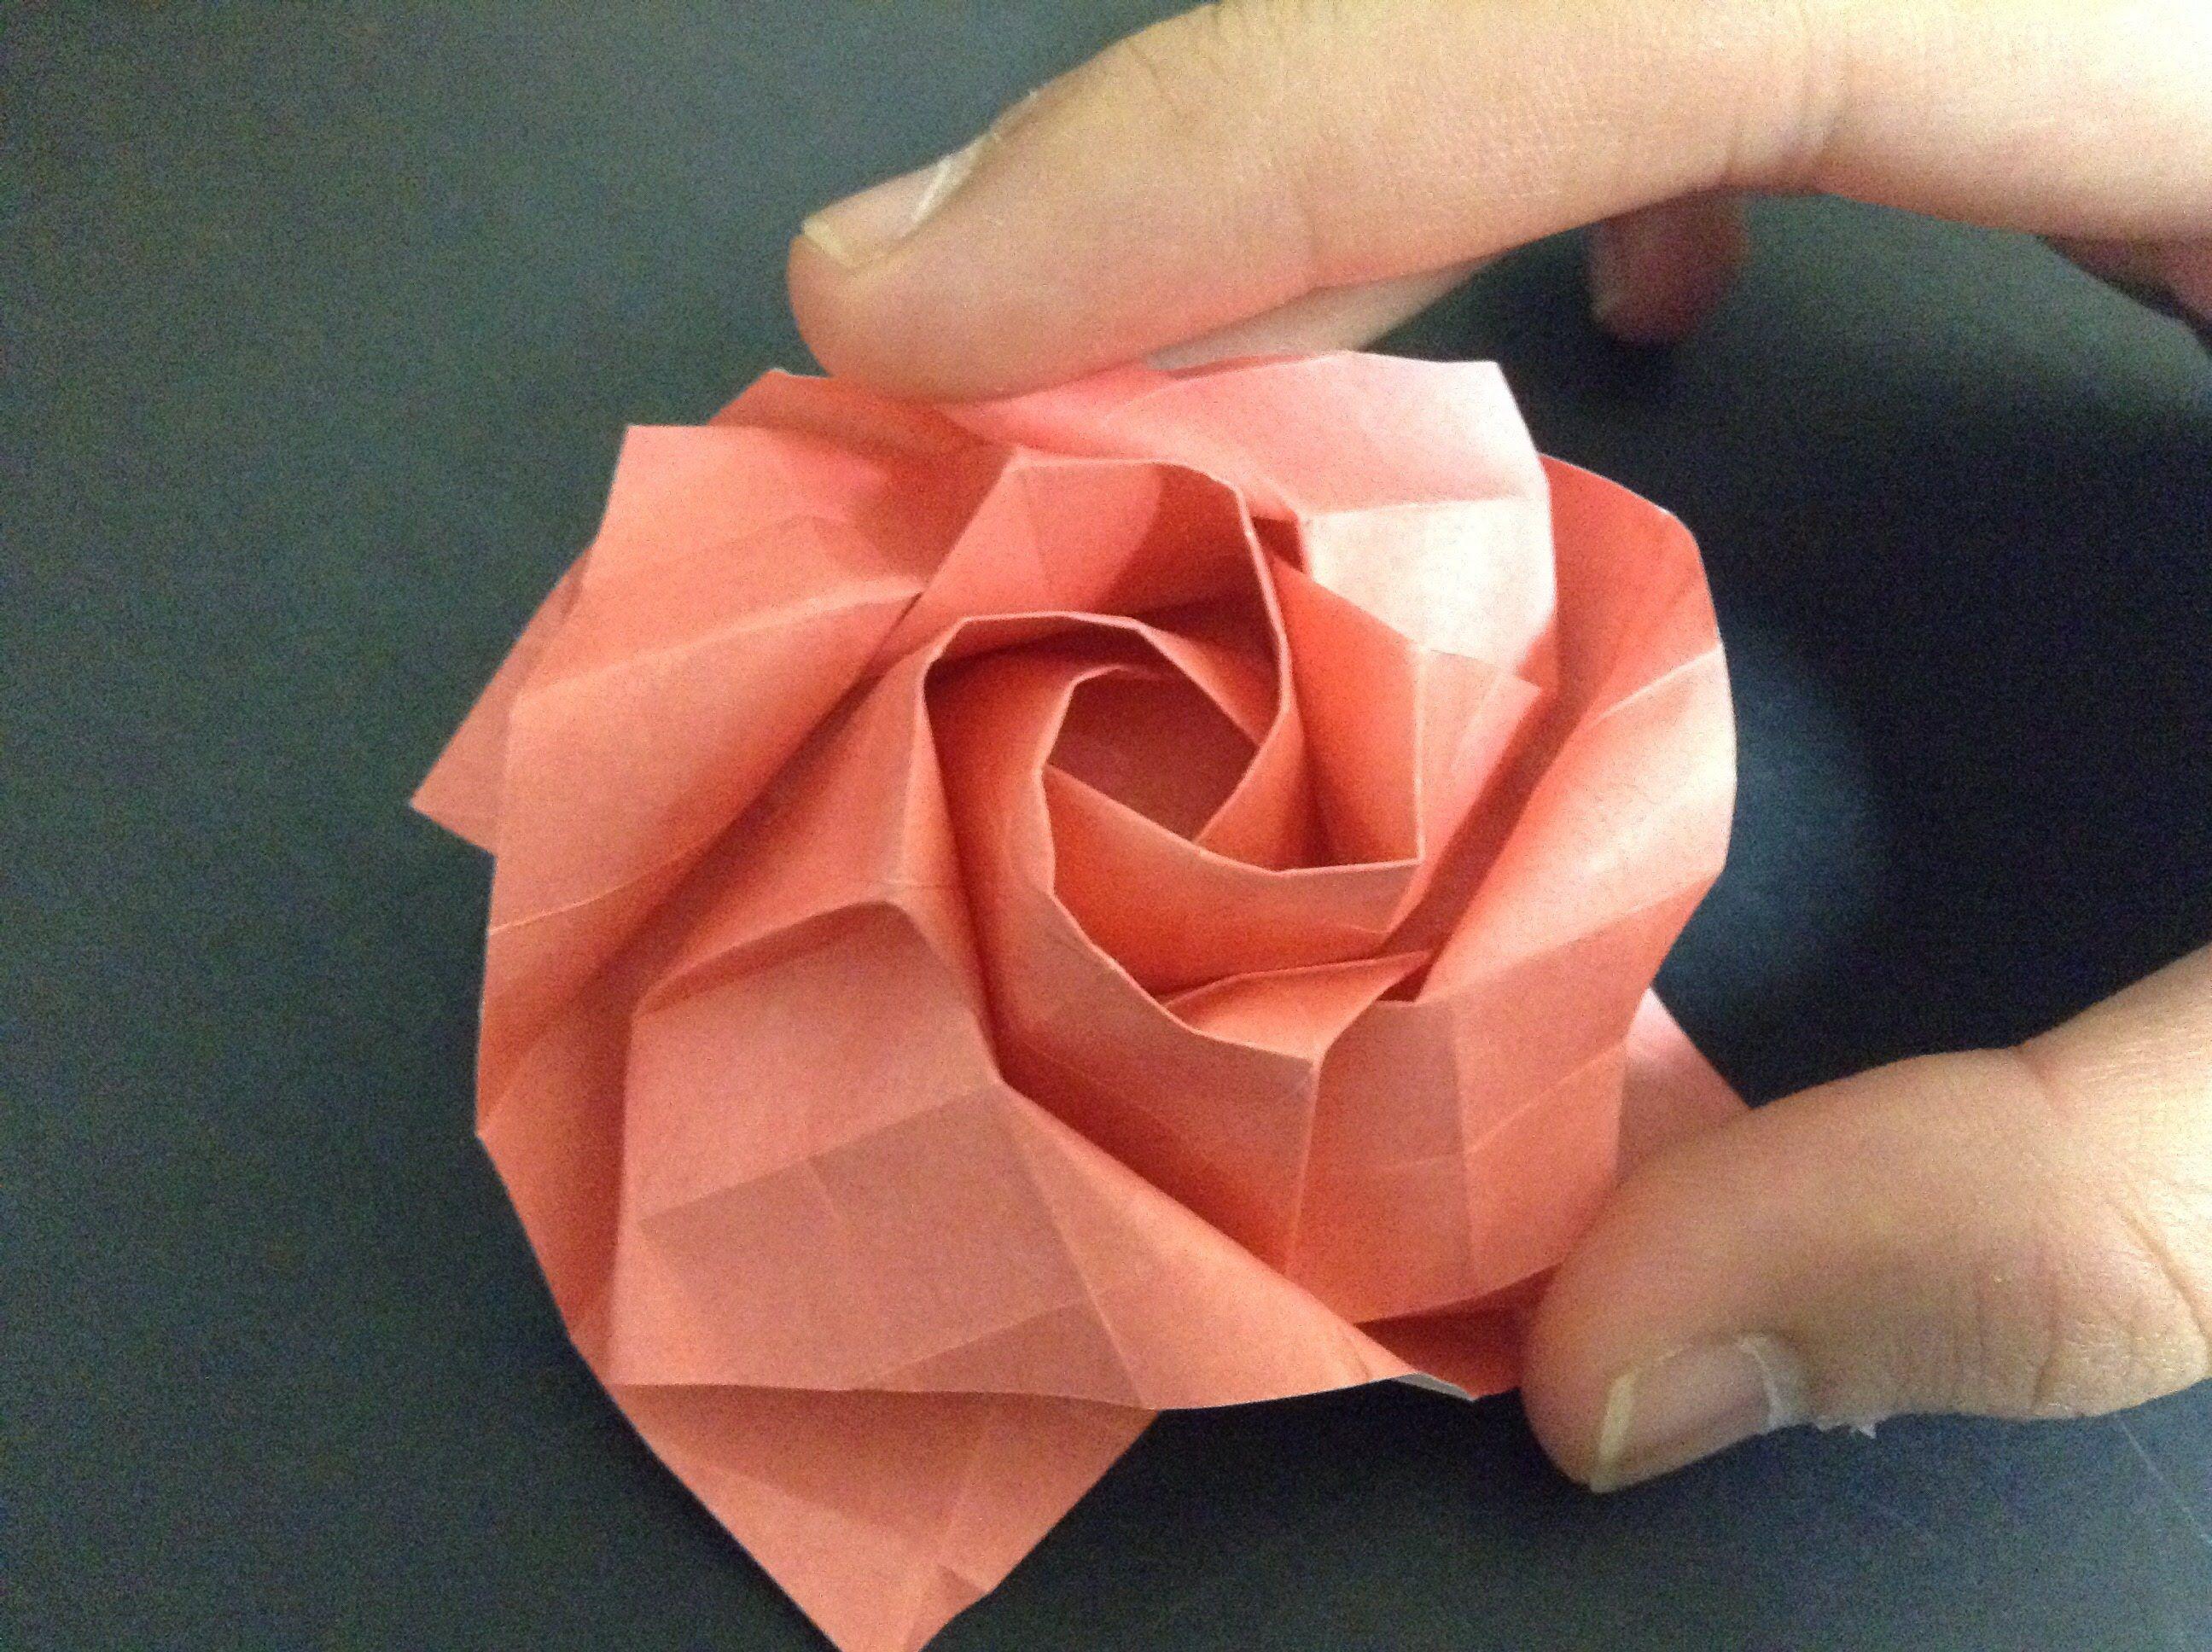 [折り紙origami]薔薇 折り方. rose | Origami stars, wreaths, flowers ... - photo#46